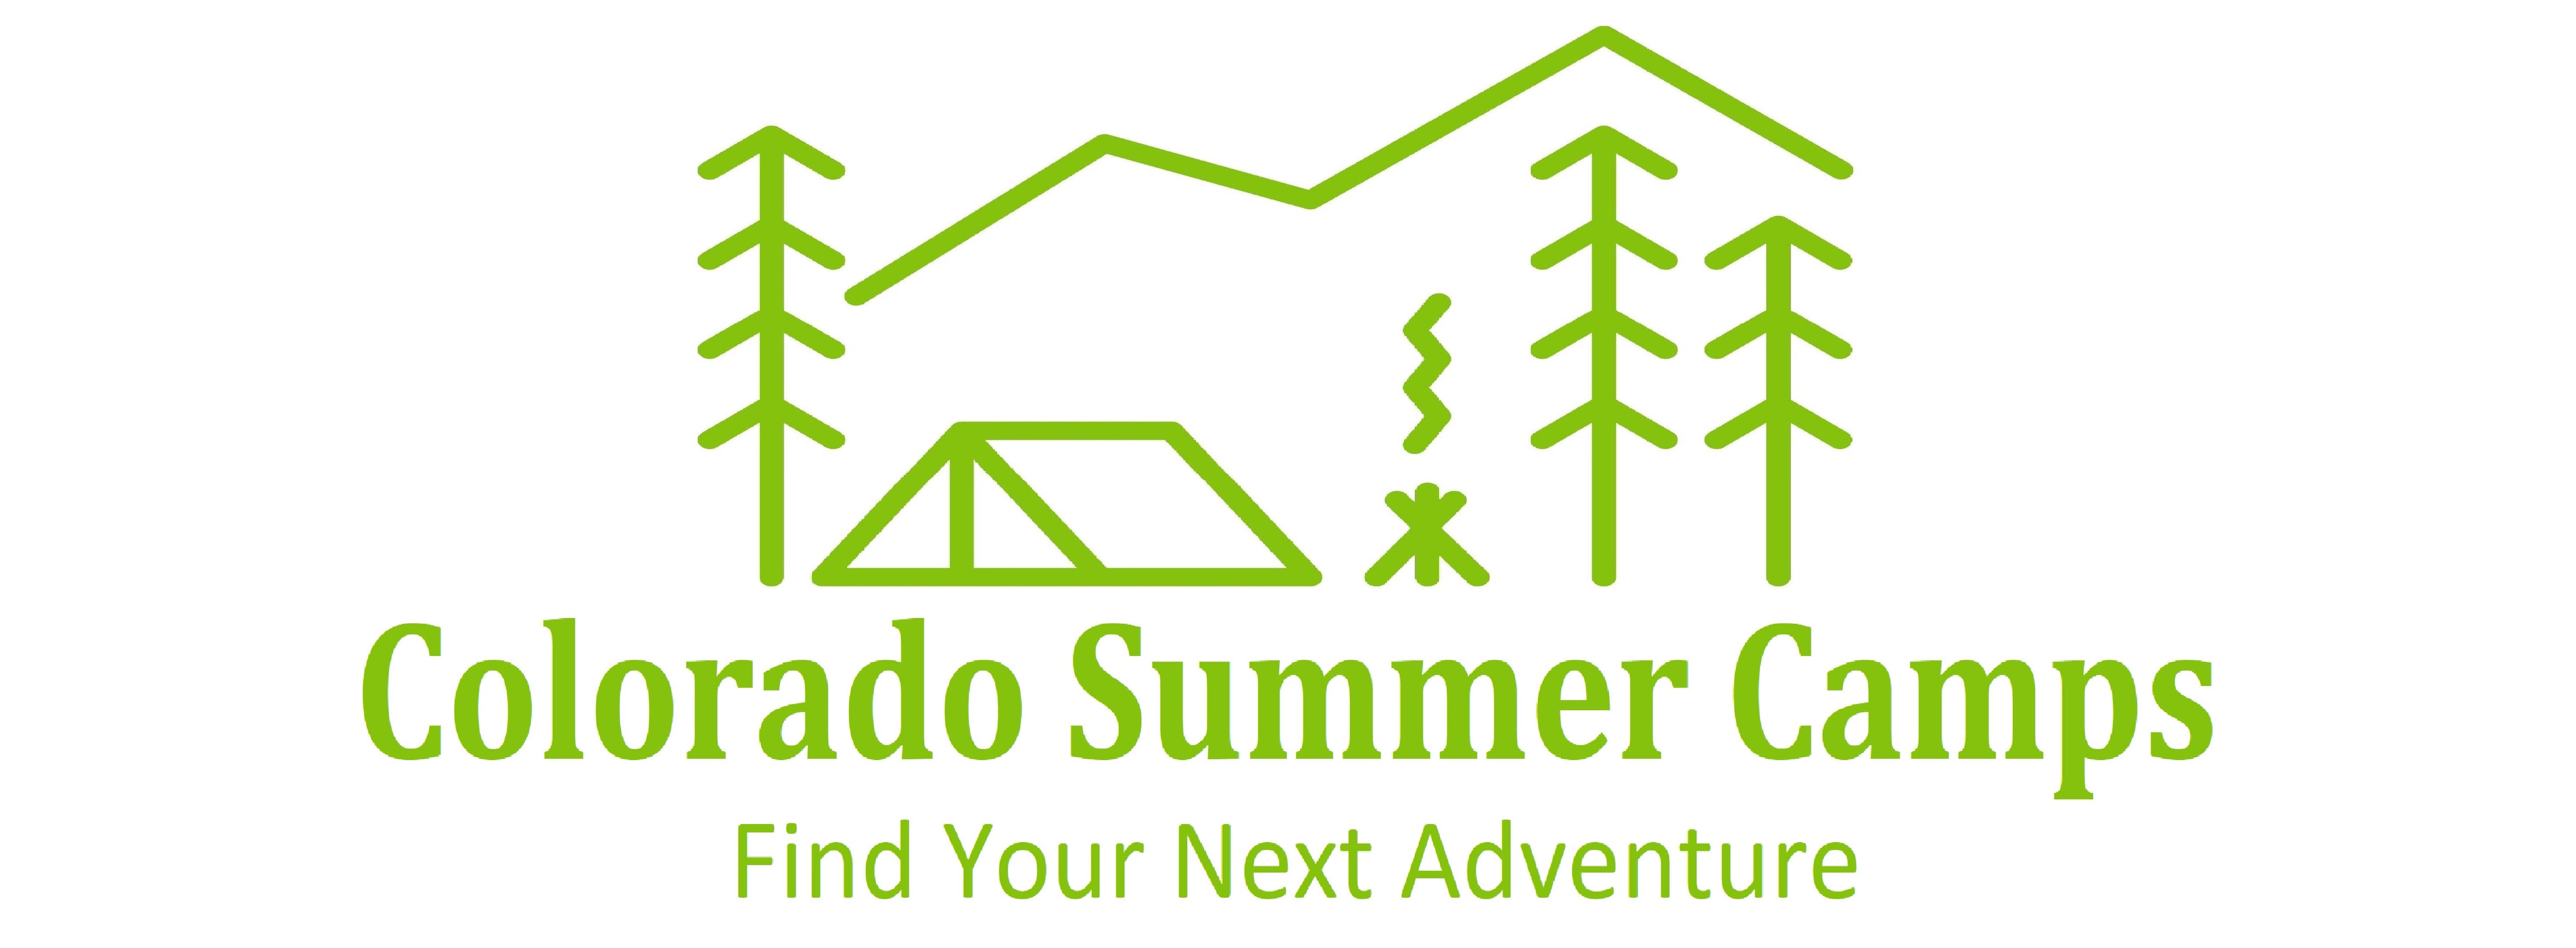 Colorado Summer Camps